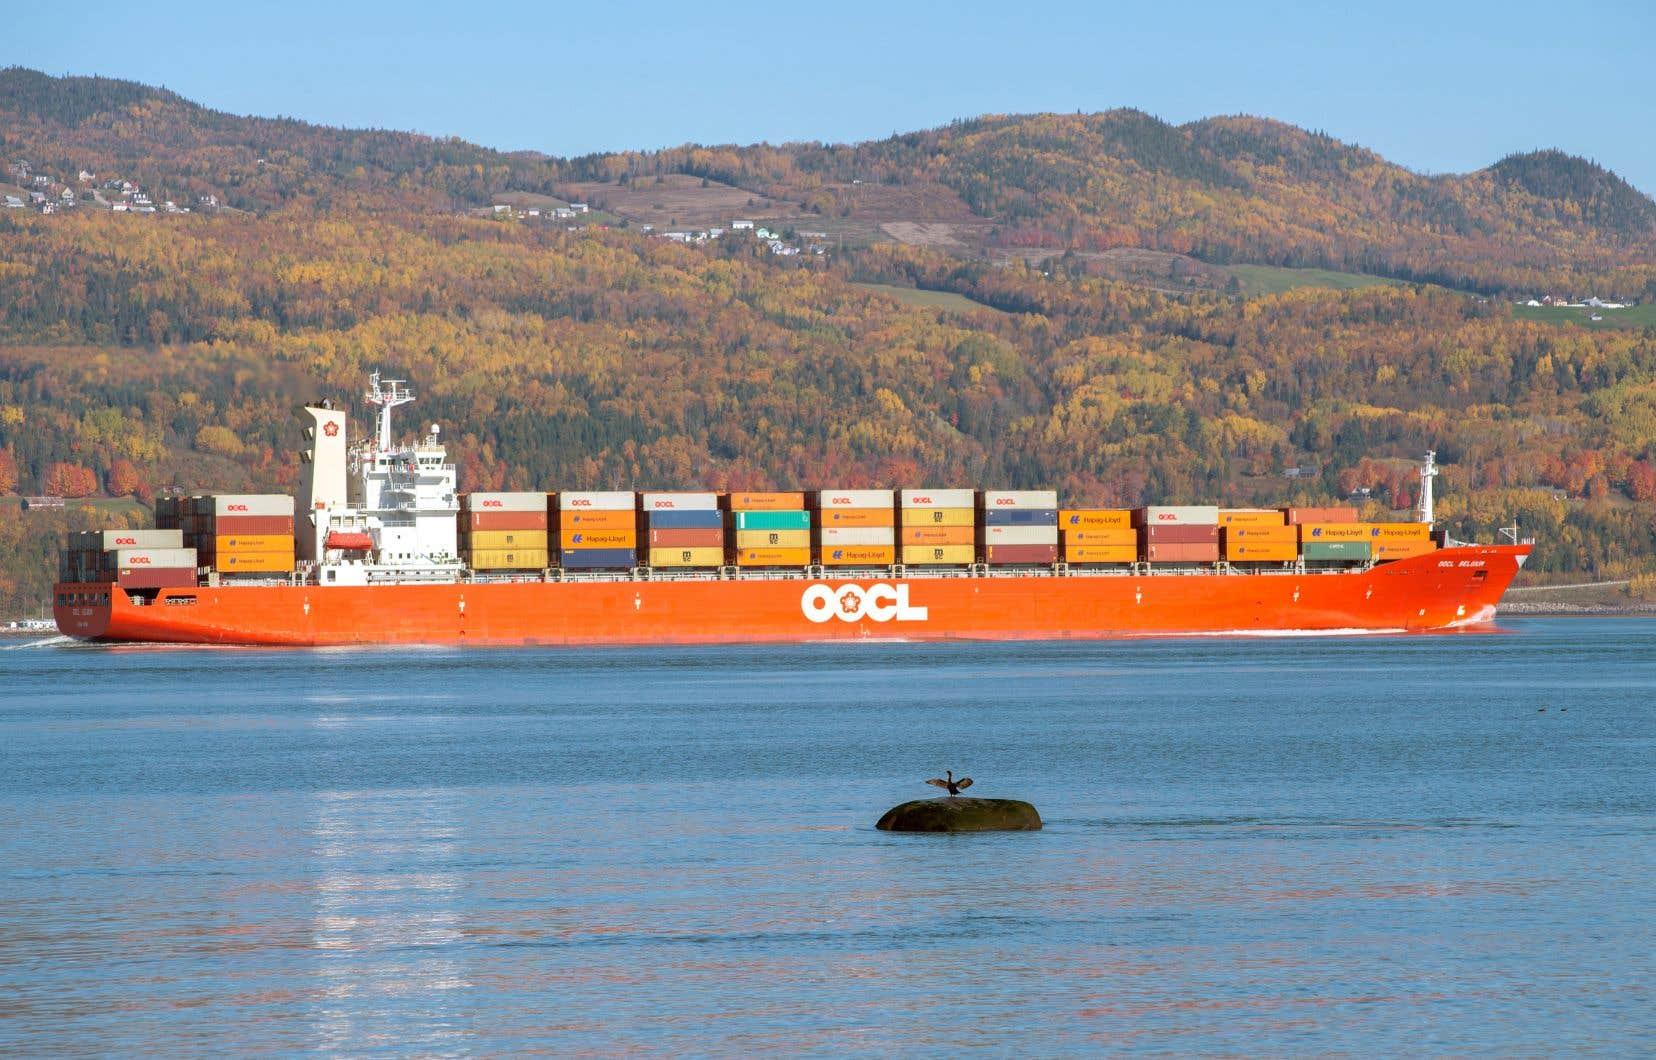 La marine commerciale représente 80% du transport international de marchandises.